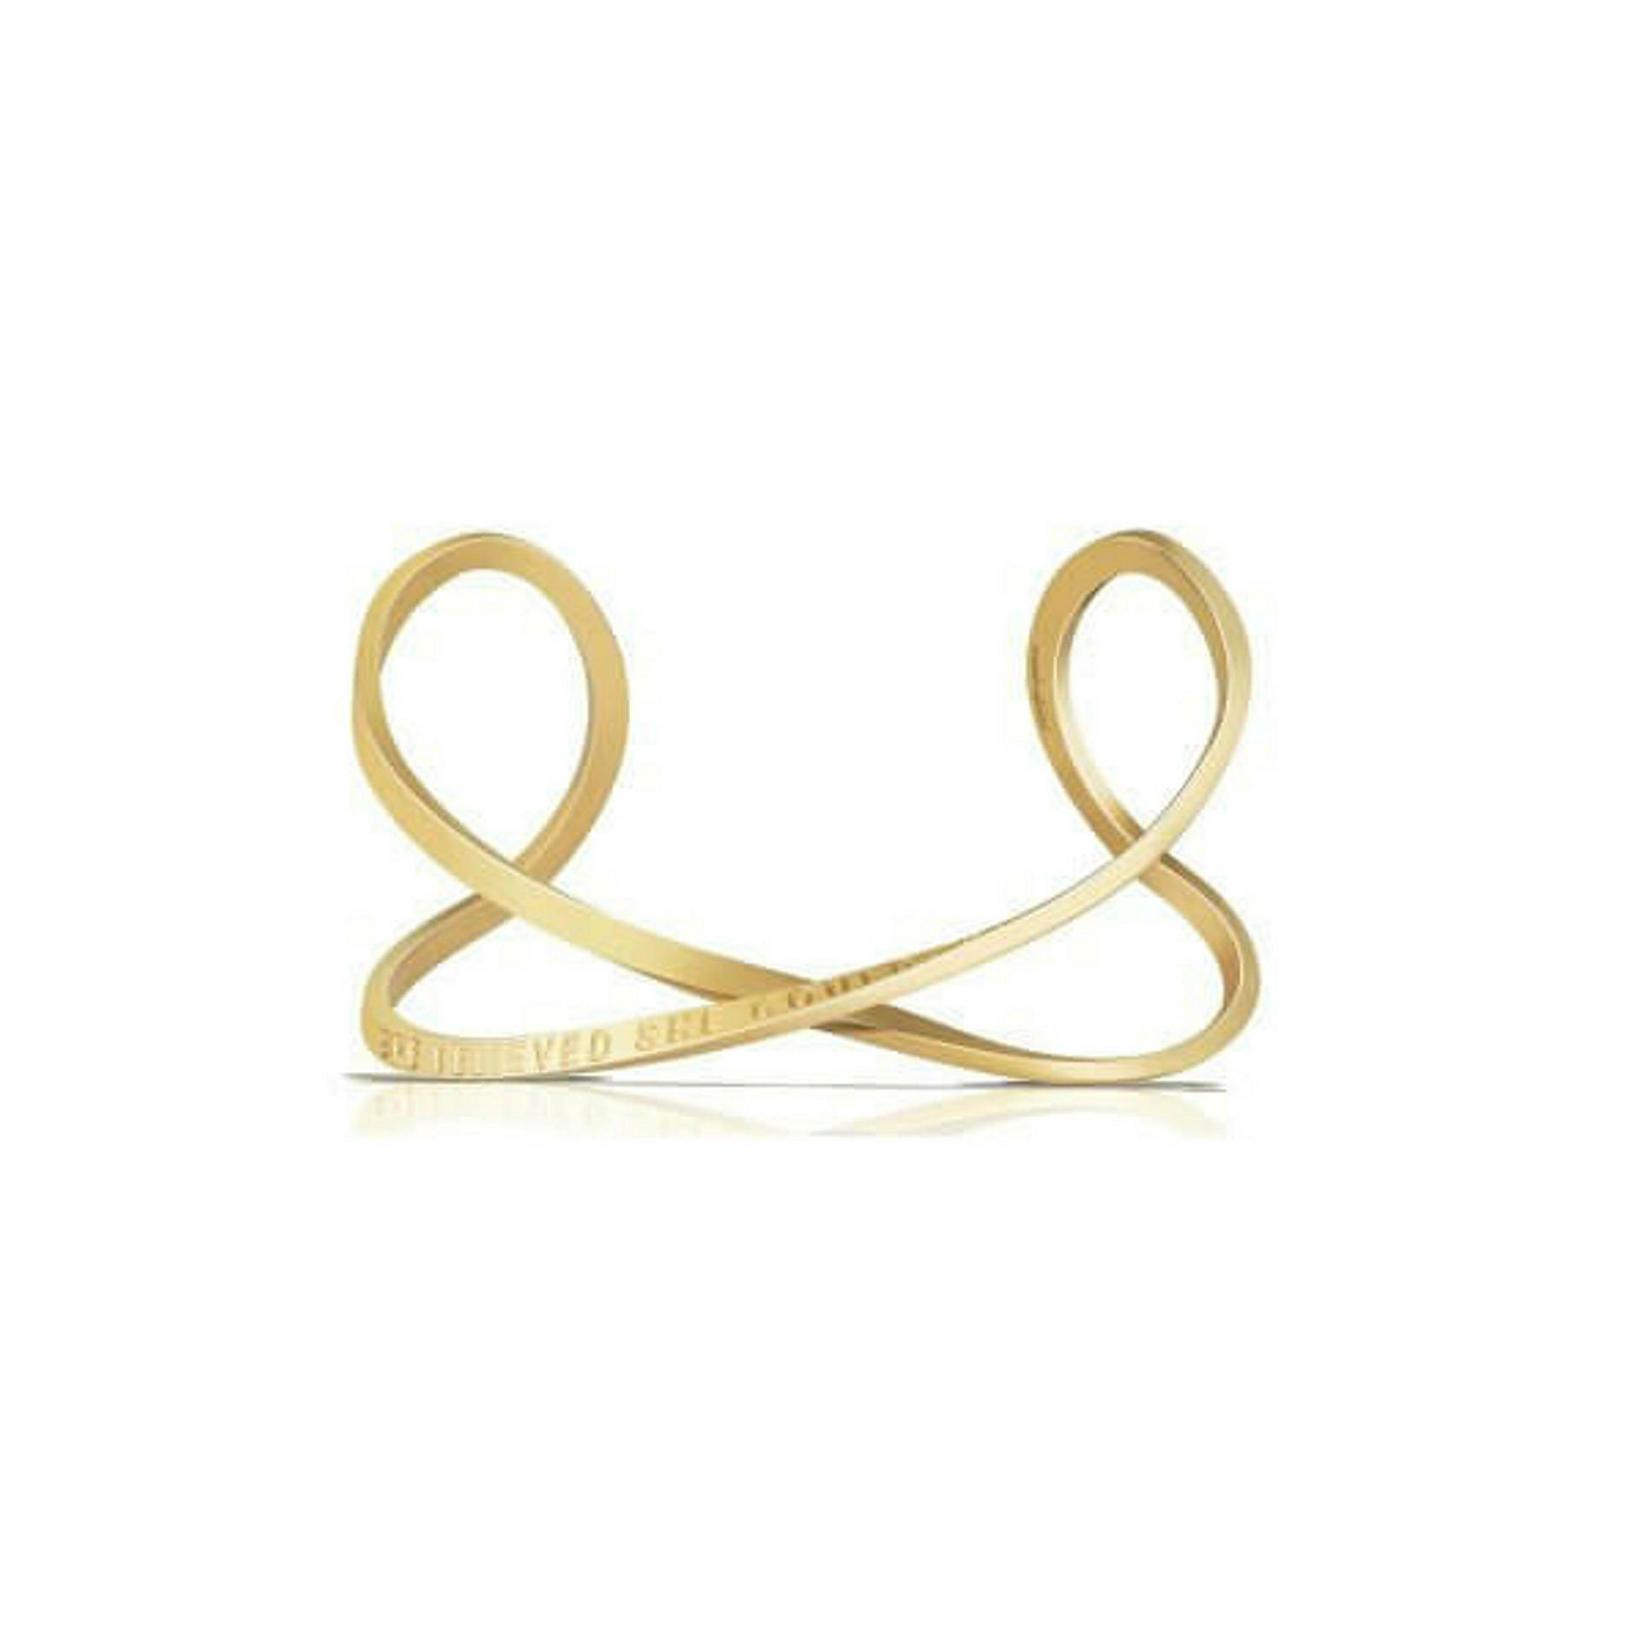 Infinity armband. Kostar 10.500 kr. Fæst í Systrasamlaginu.